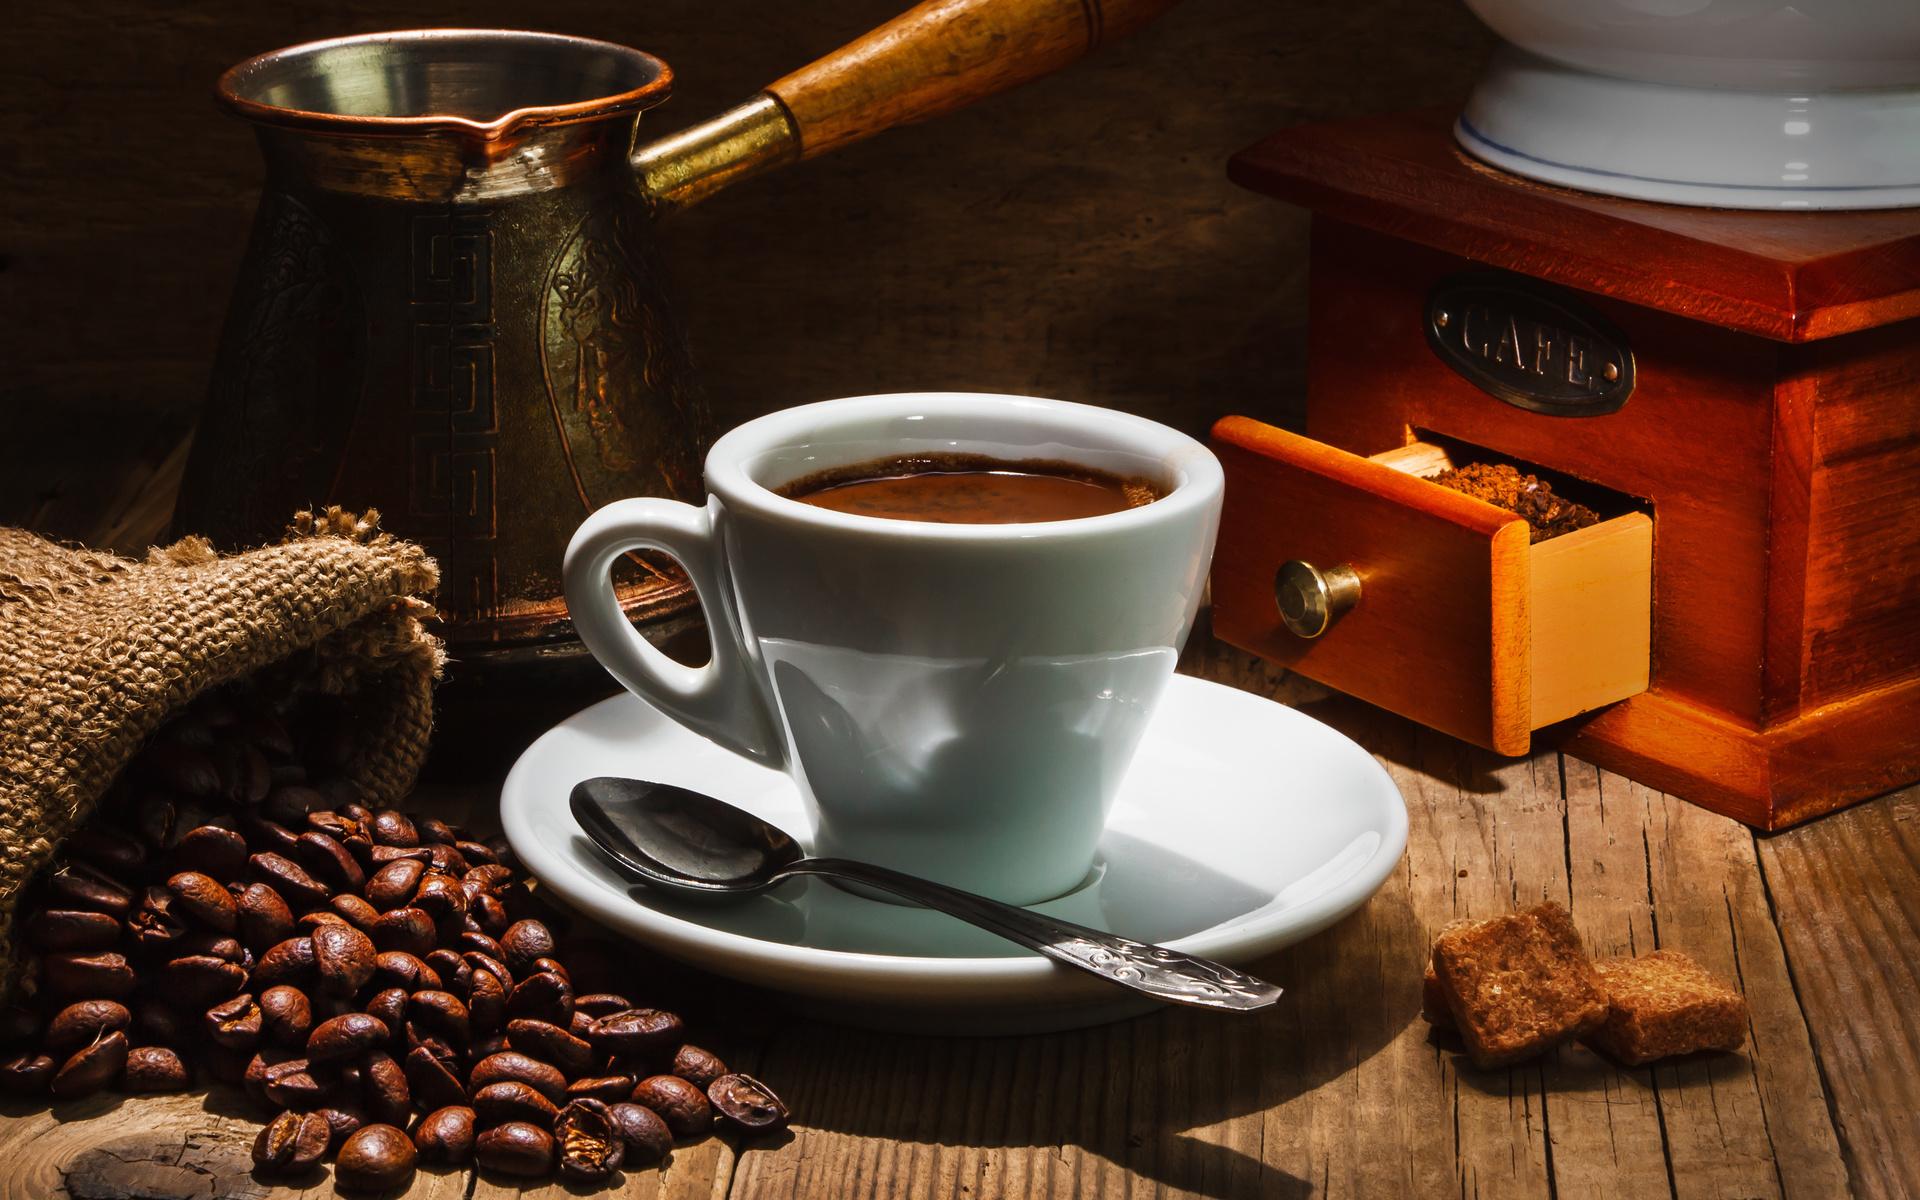 Картинки приятного кофе, новогоднюю